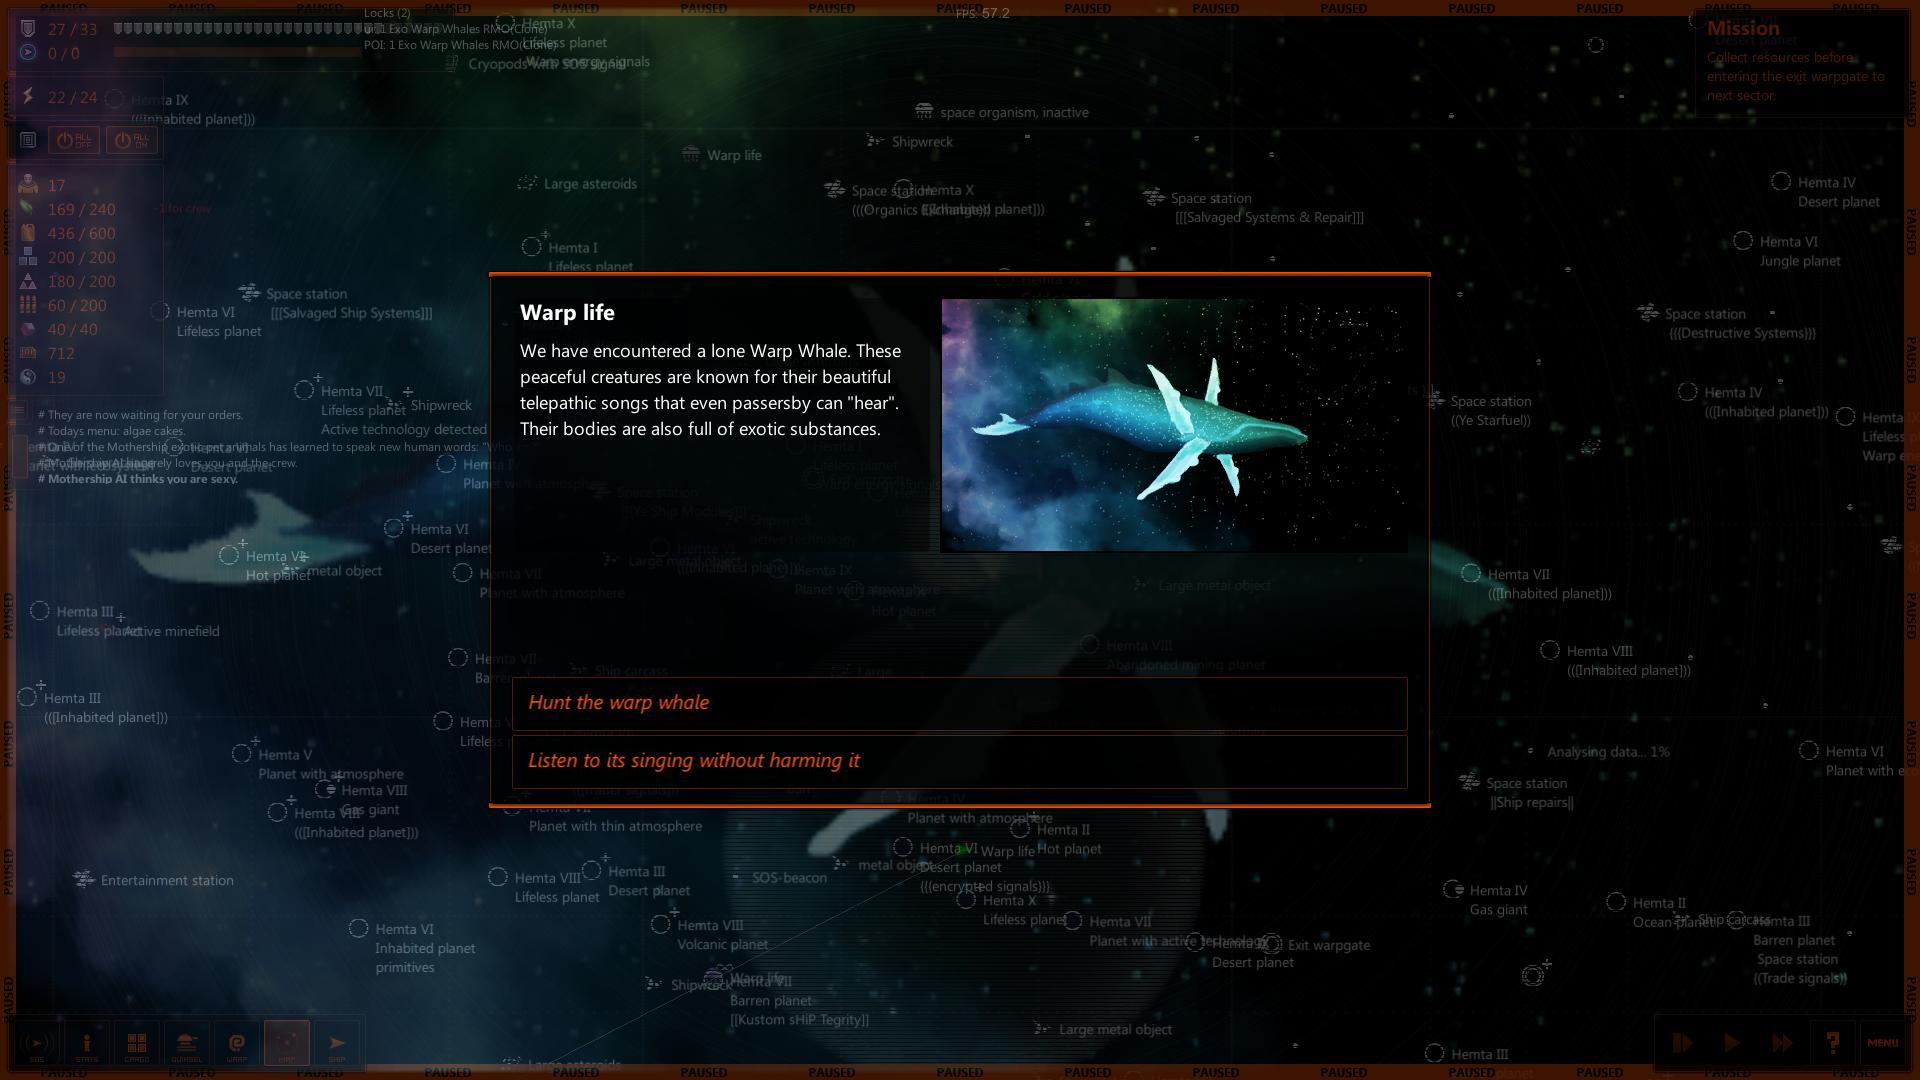 ST-Earth_screenshot48.png